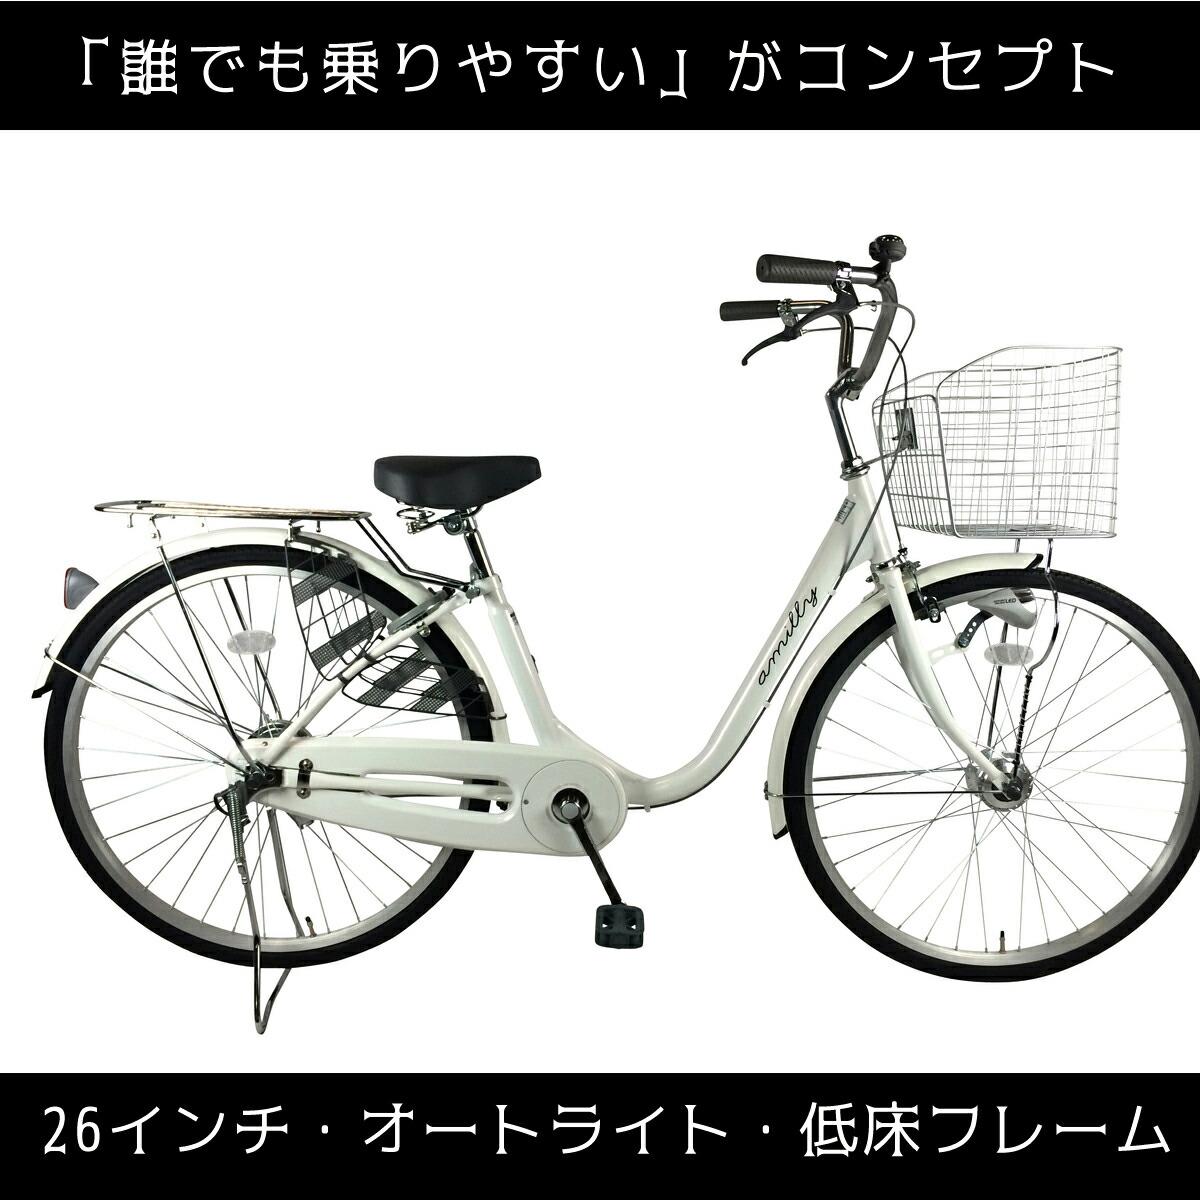 自転車 のやりすい低床フレームで大人気 amilly アミリー ママチャリ 軽快車 ホワイト/白 自転車ギアなし 自転車 26インチ オートライト ママチャリ 鍵付き 女性に優しい設計でつくられました